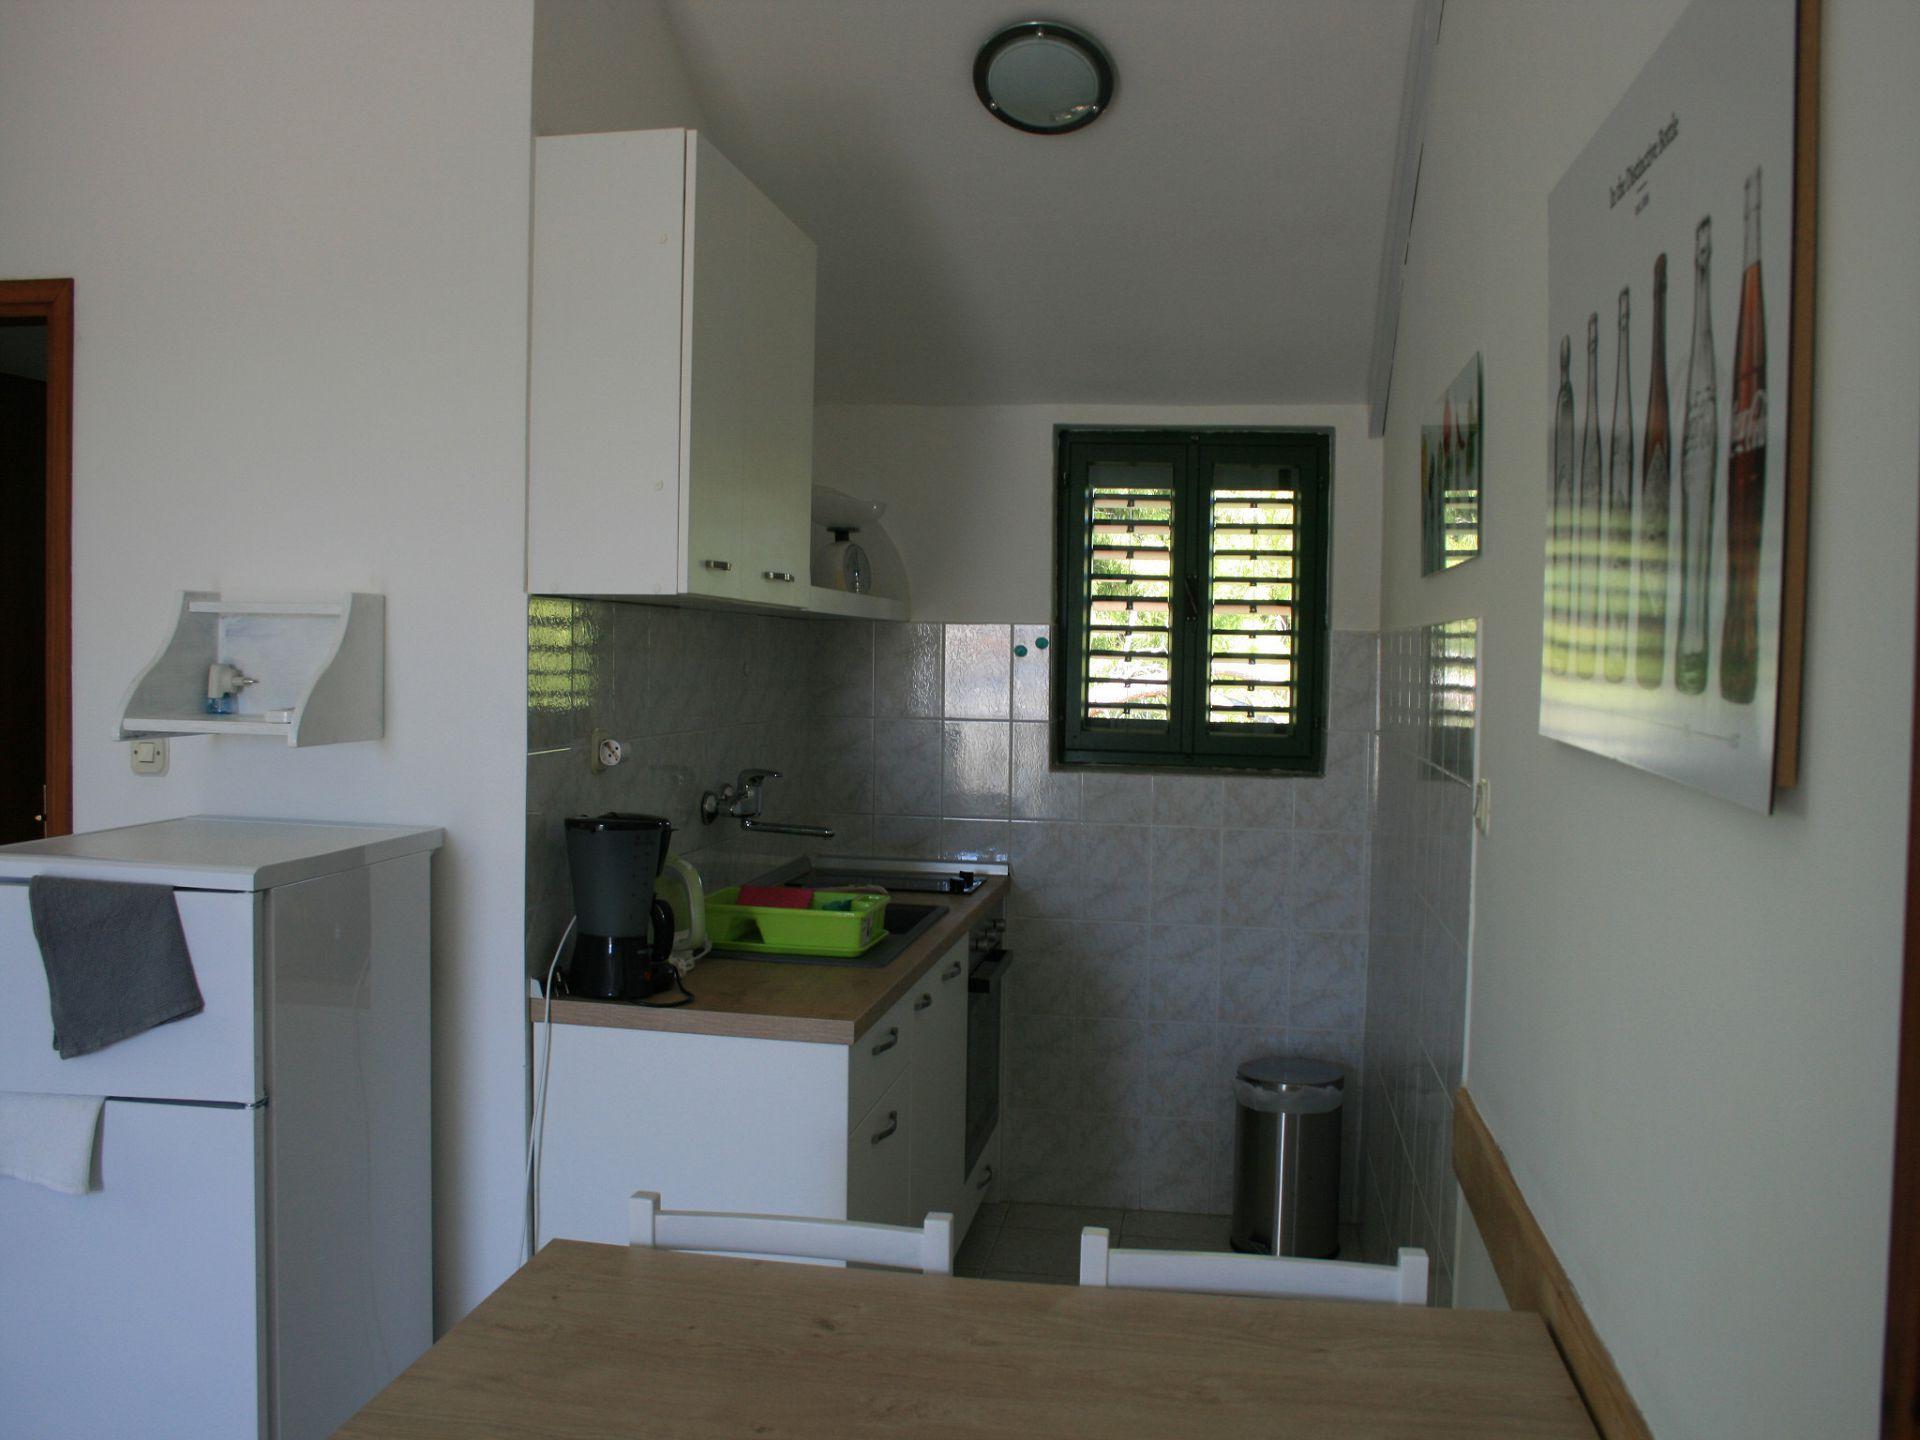 37656 - Jezera - Apartments Croatia - A-Marta(2+2): kitchen and dining room